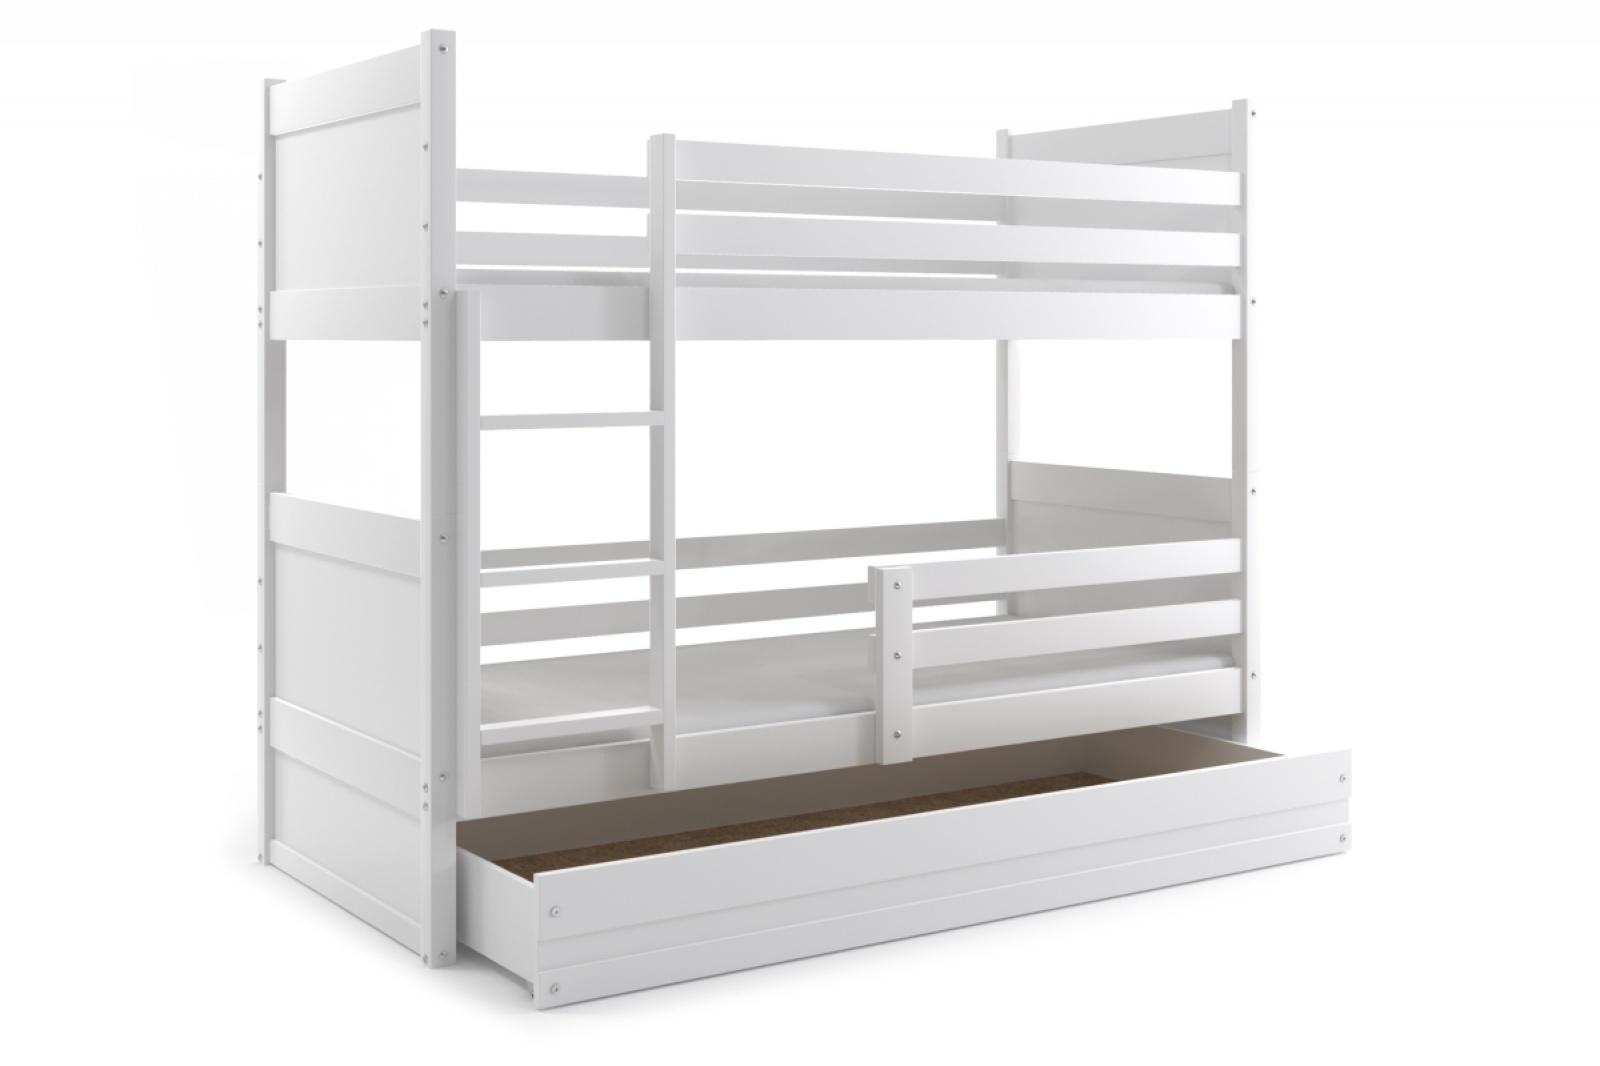 Etagenbett : Etagenbett joko in weiß mit bettkasten verschiedenen farben